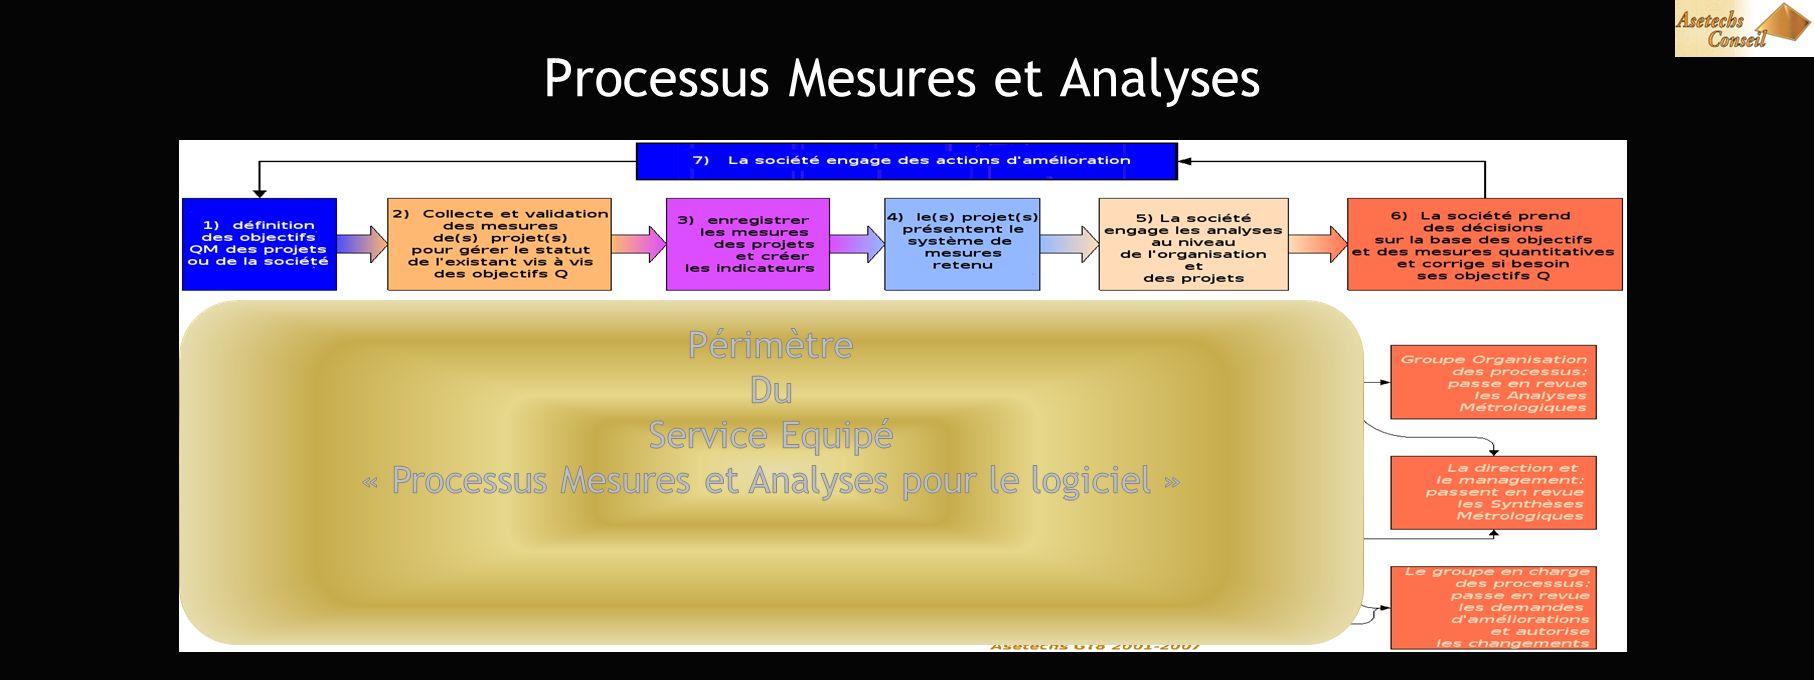 Processus Mesures et Analyses